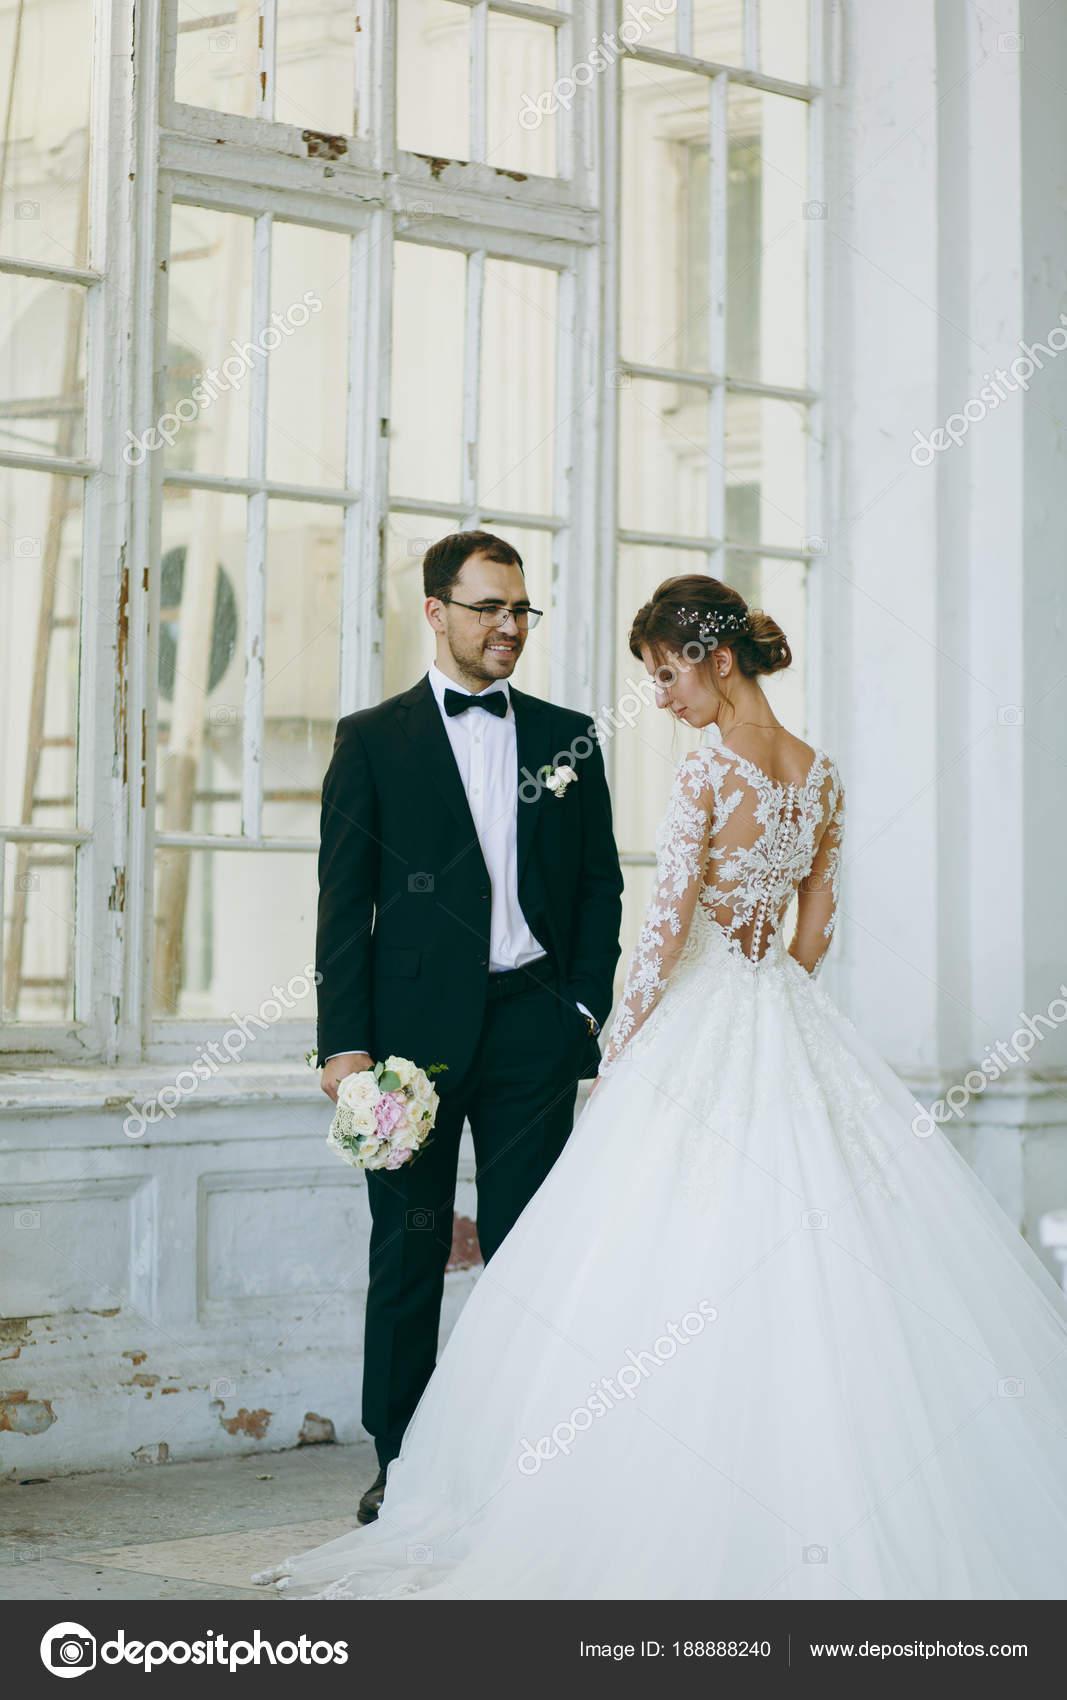 Schöne Hochzeit Fotosession. Bräutigam im schwarzen Anzug und junge ...